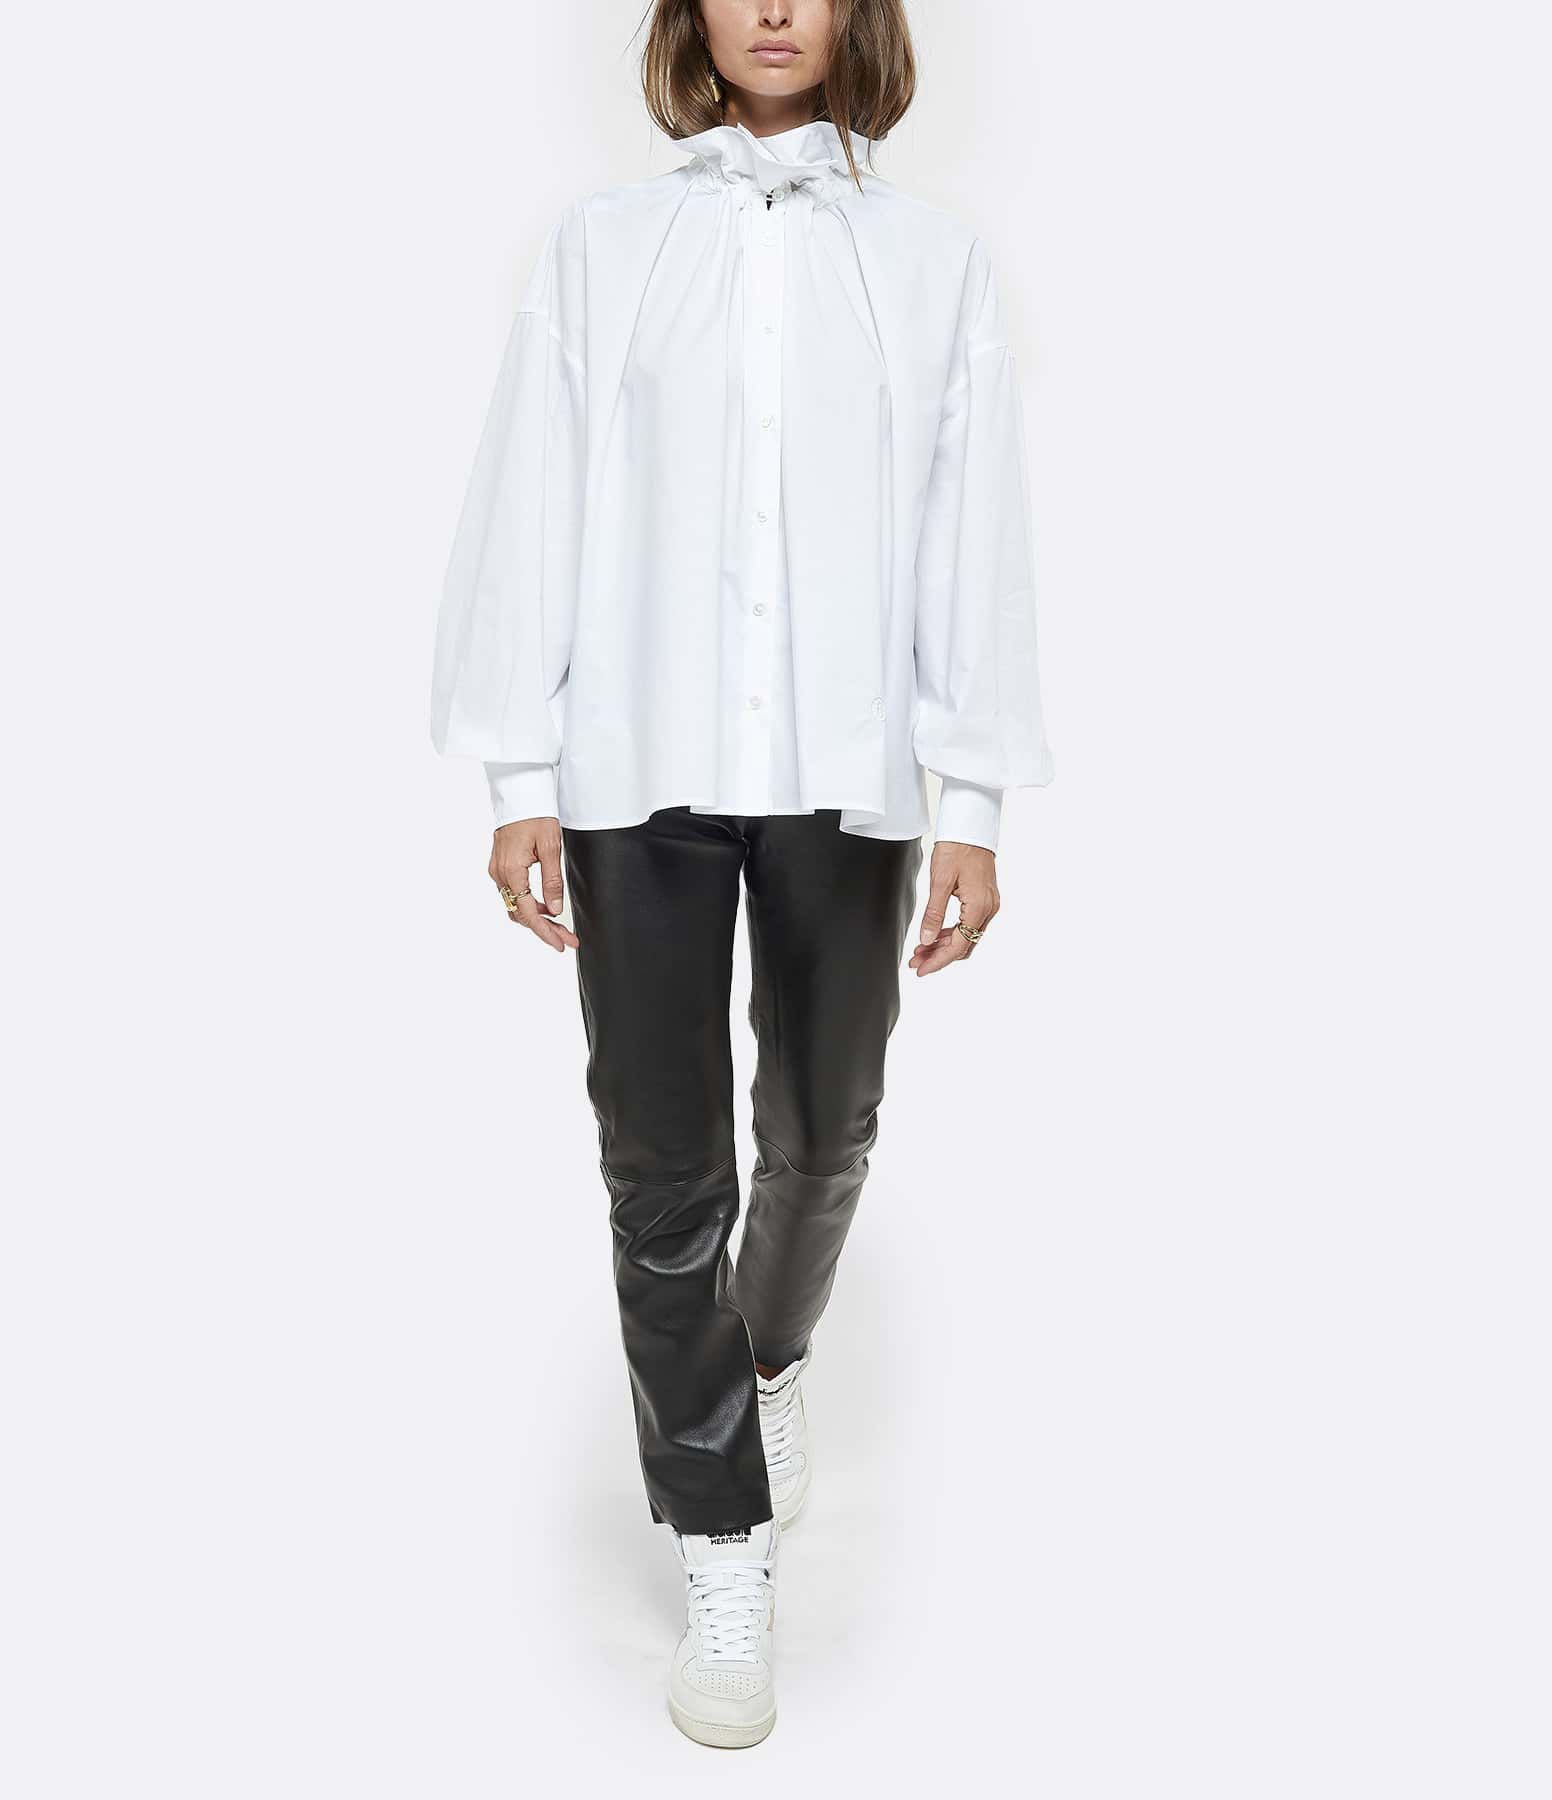 MM6 MAISON MARGIELA - Chemise Coton Blanc